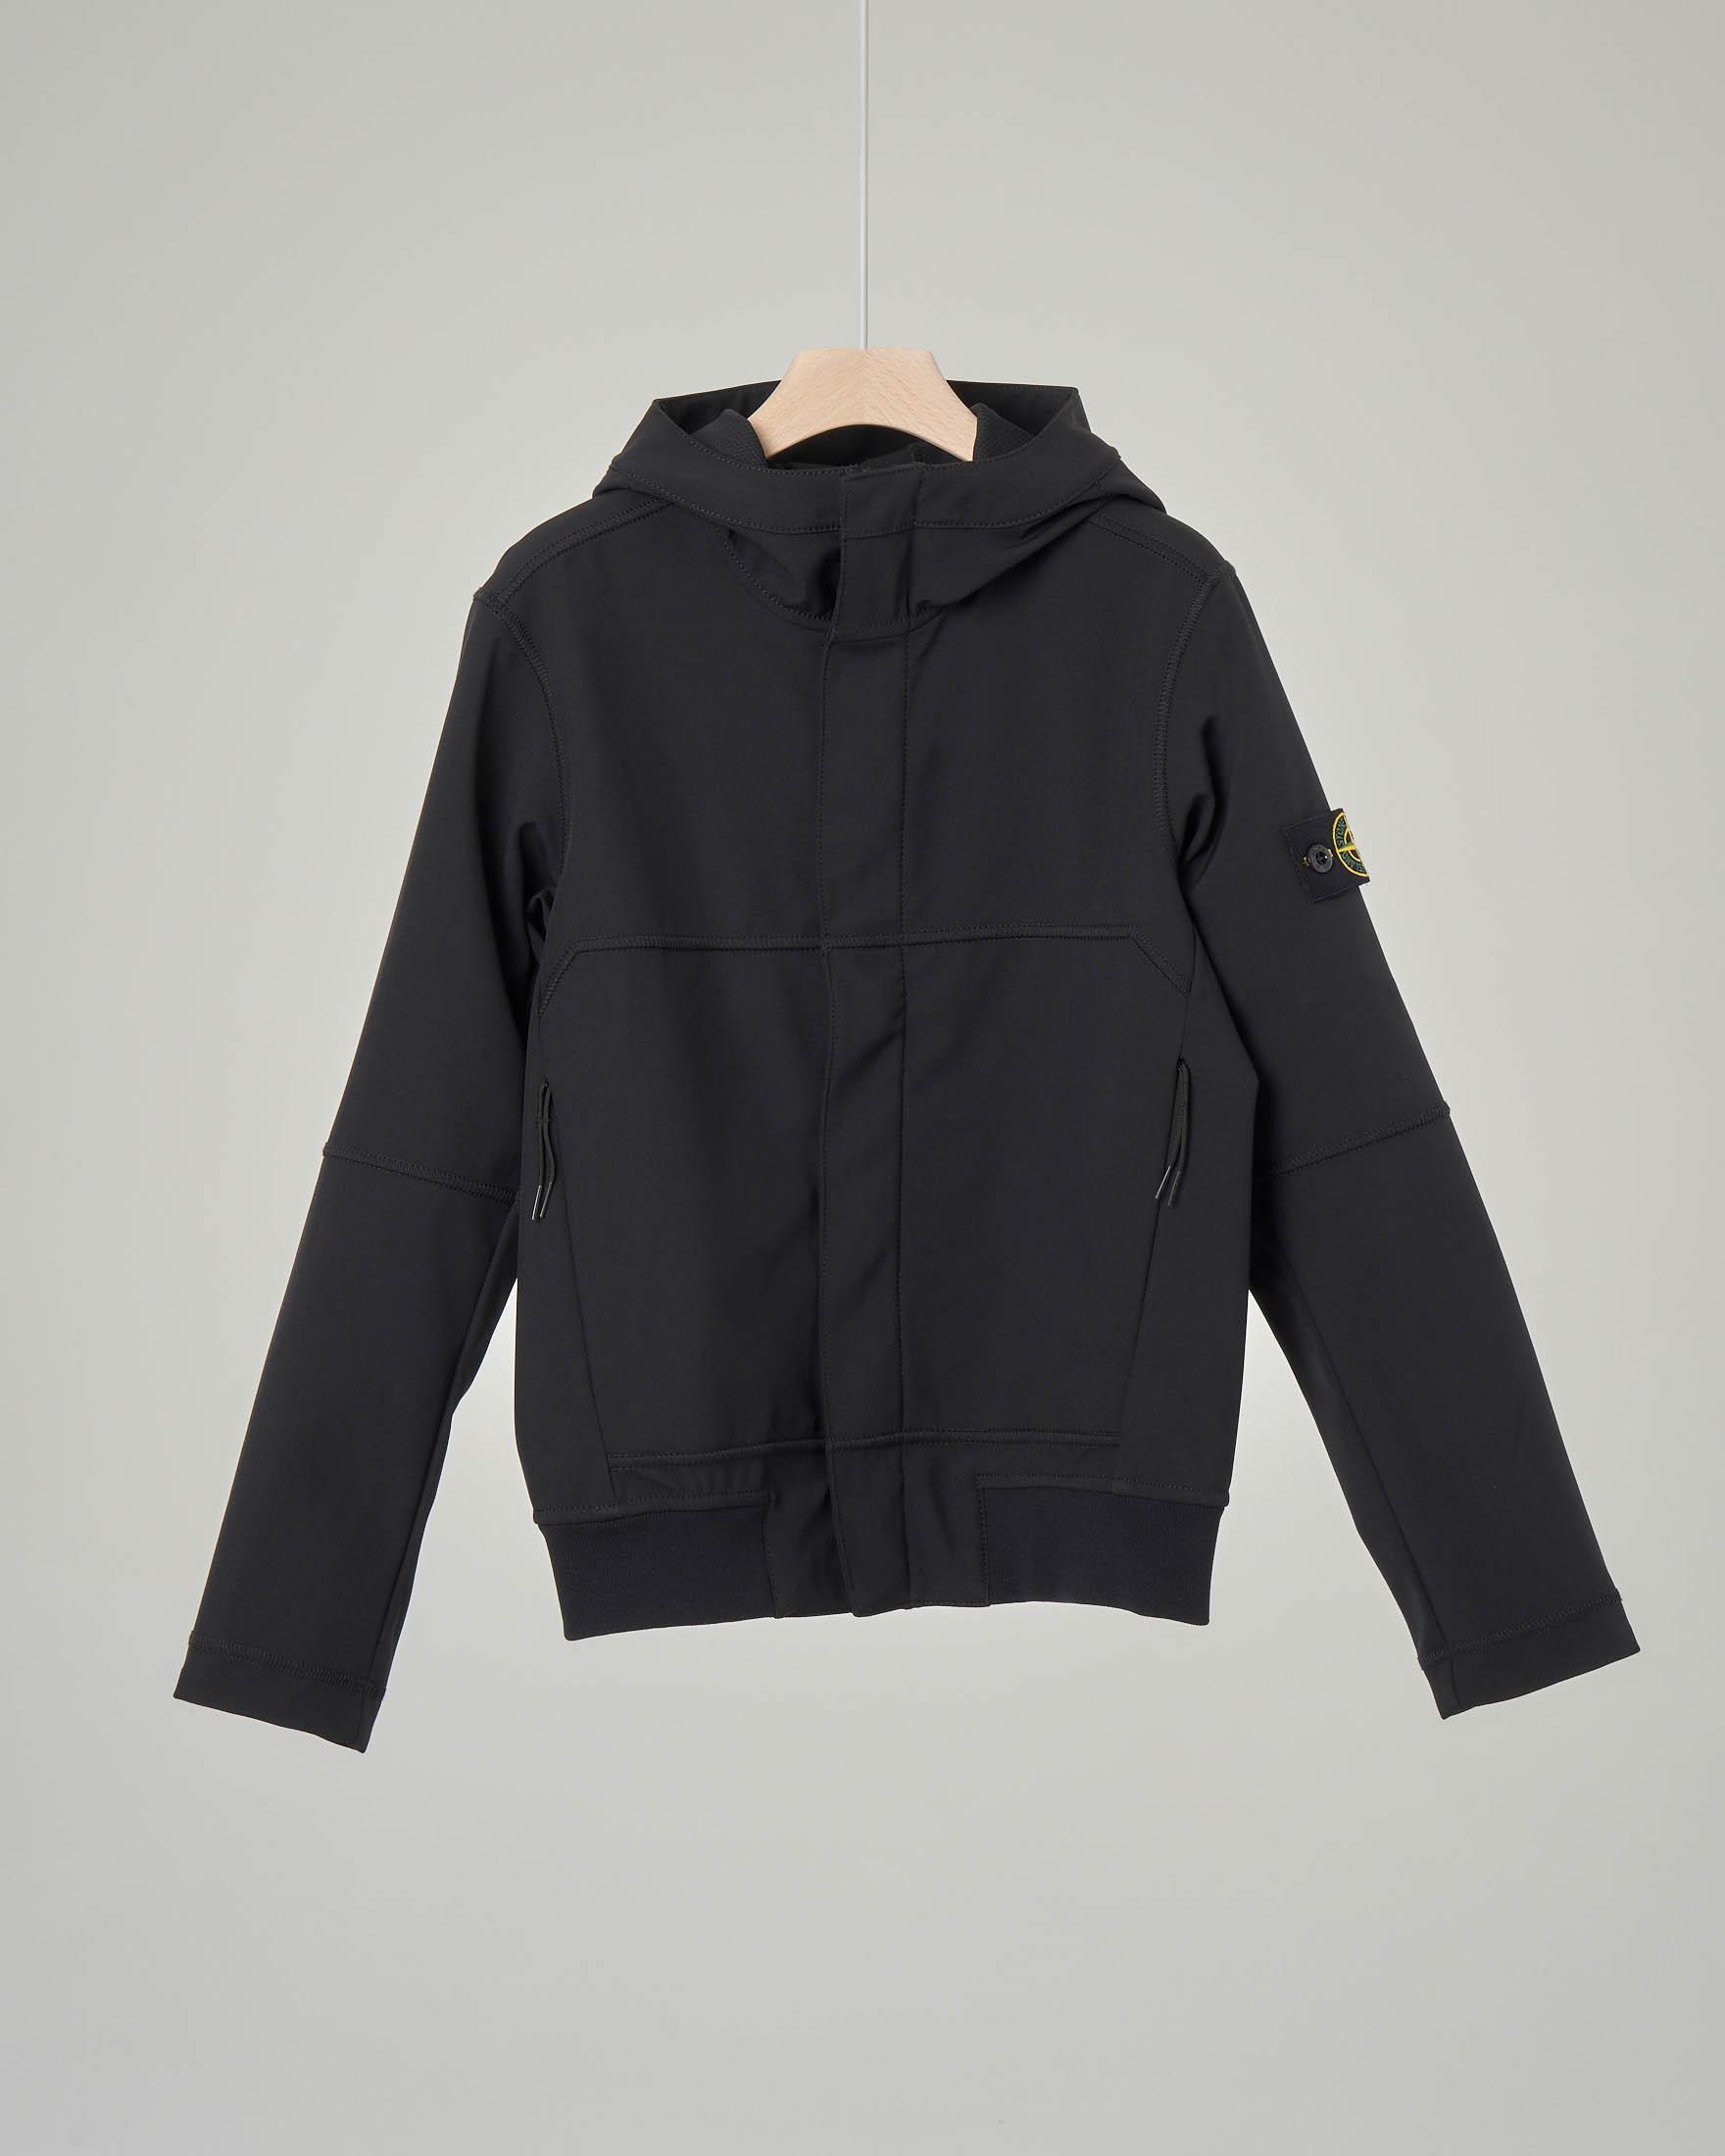 Giacca nera in Soft Shell con cappuccio 8 anni